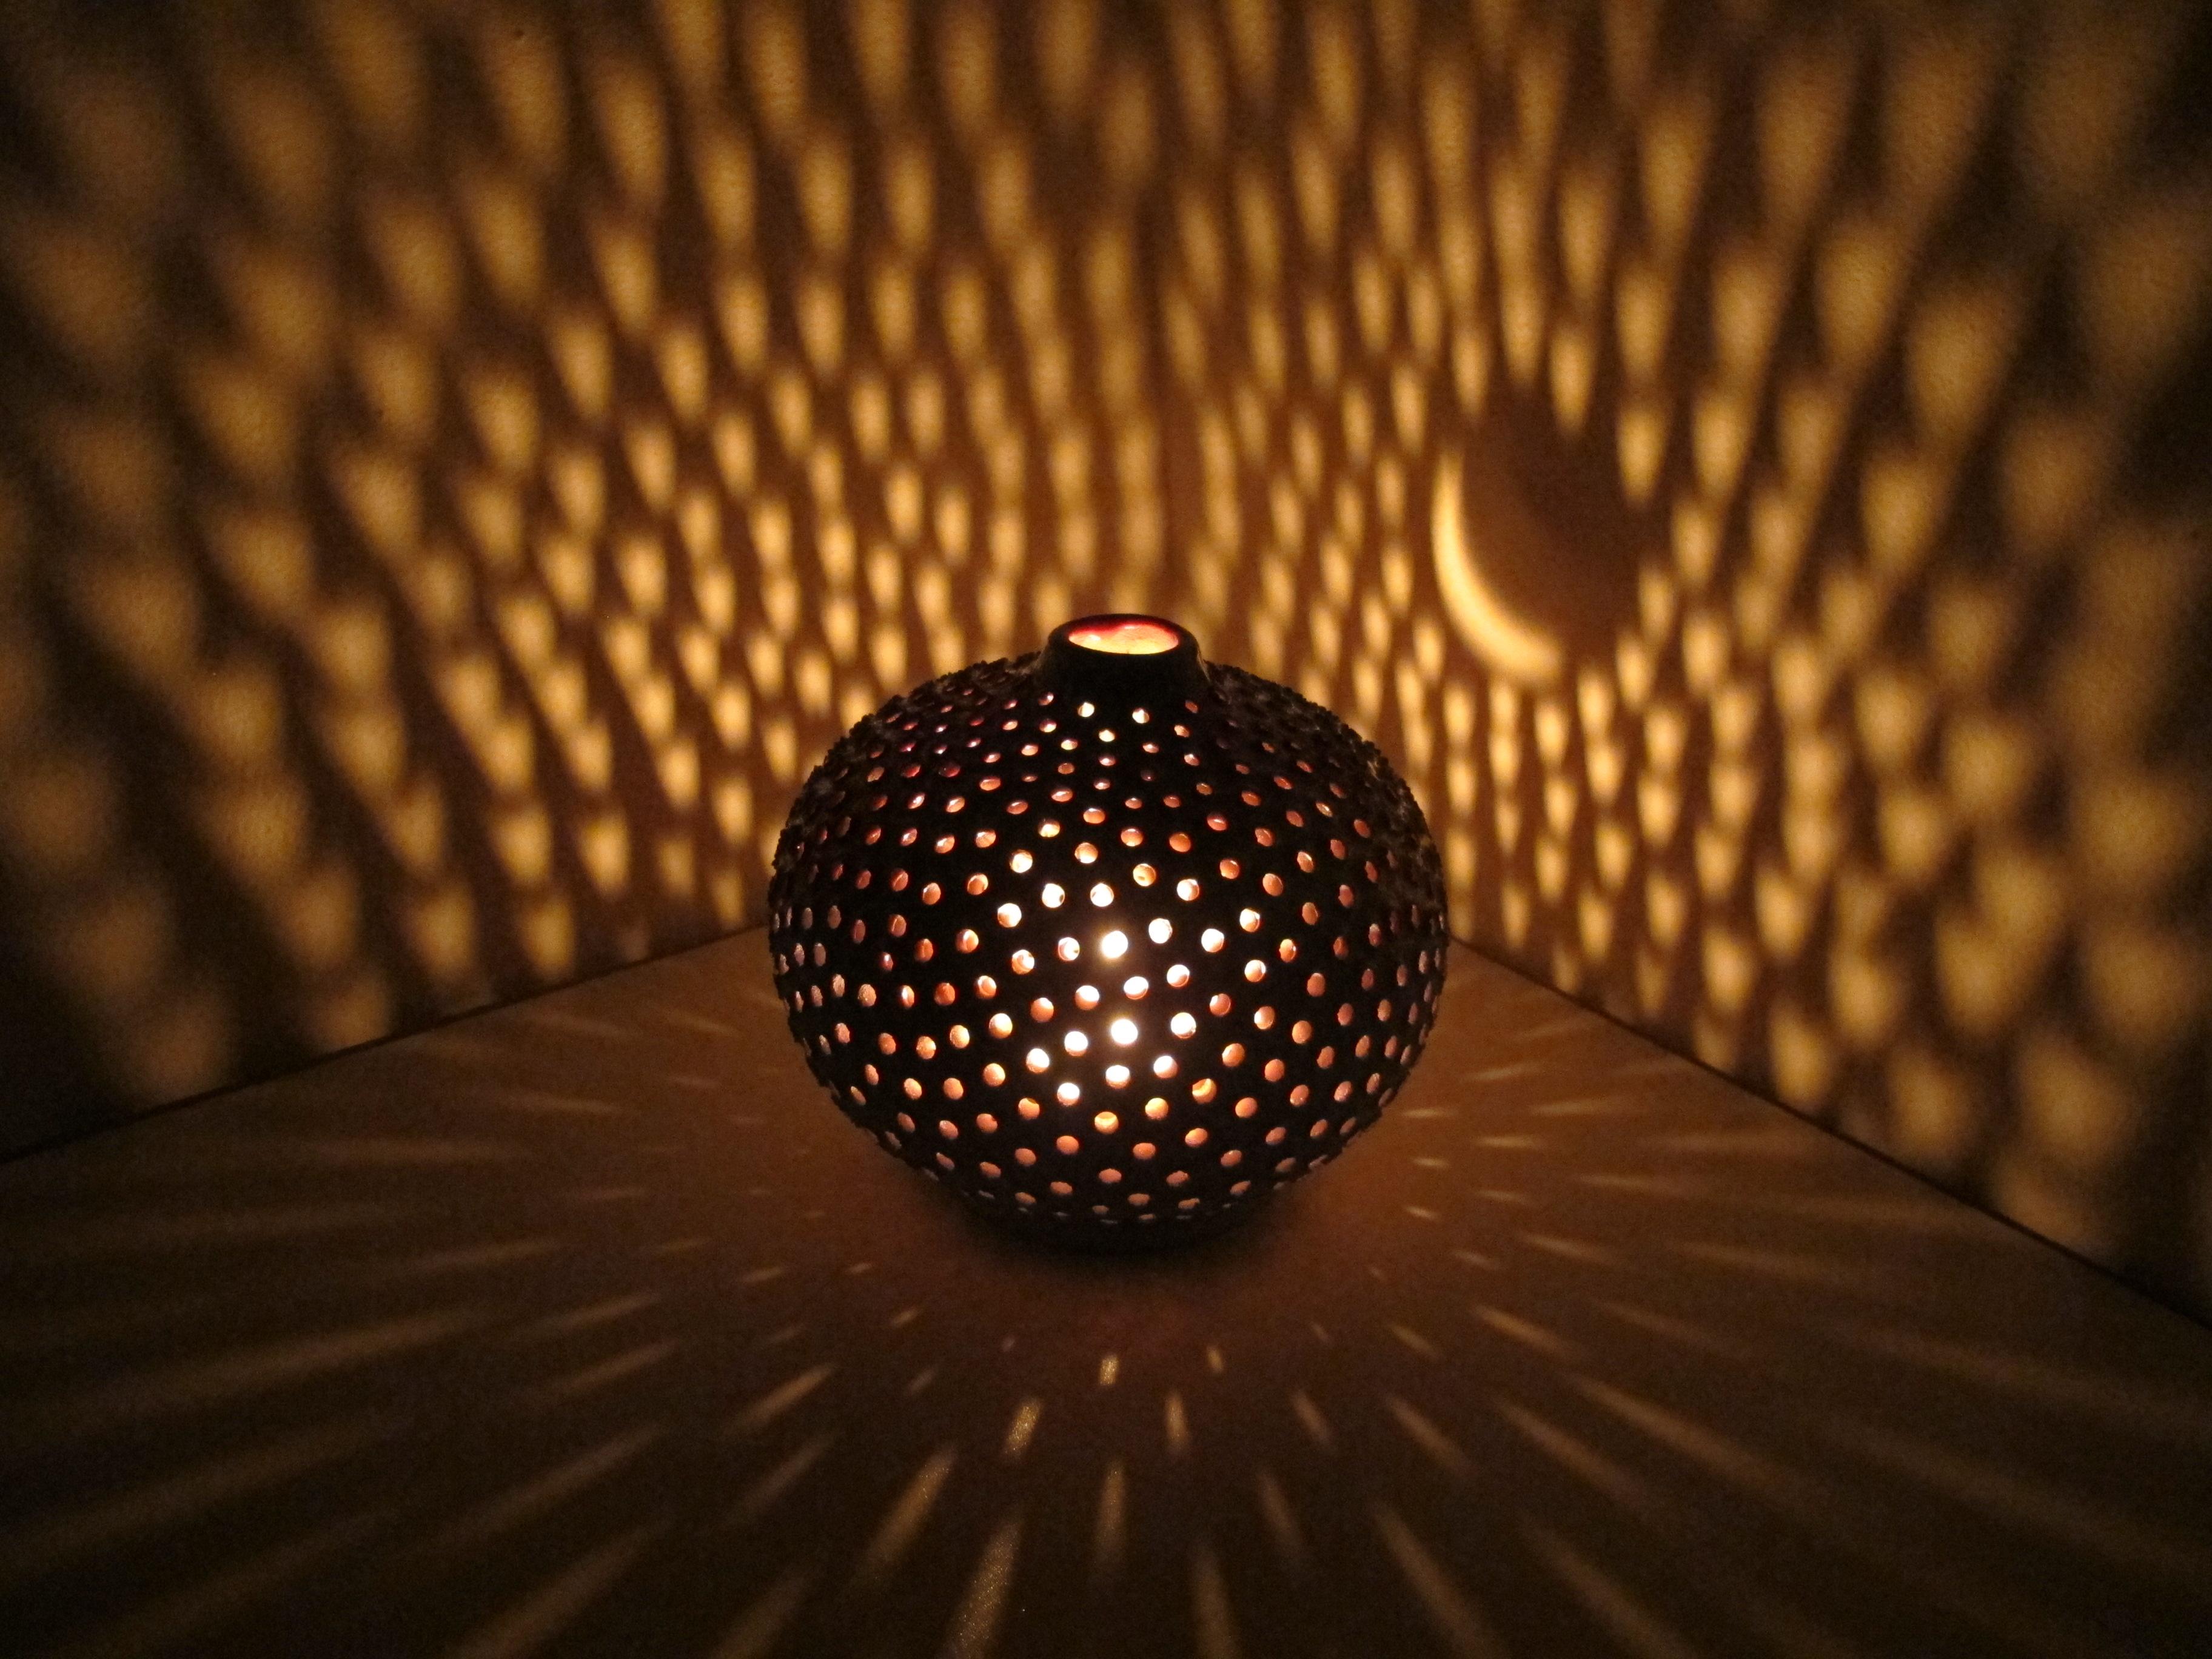 Behind the scenes pottery making secrets l 39 essenziale for Boule ceramique decoration jardin